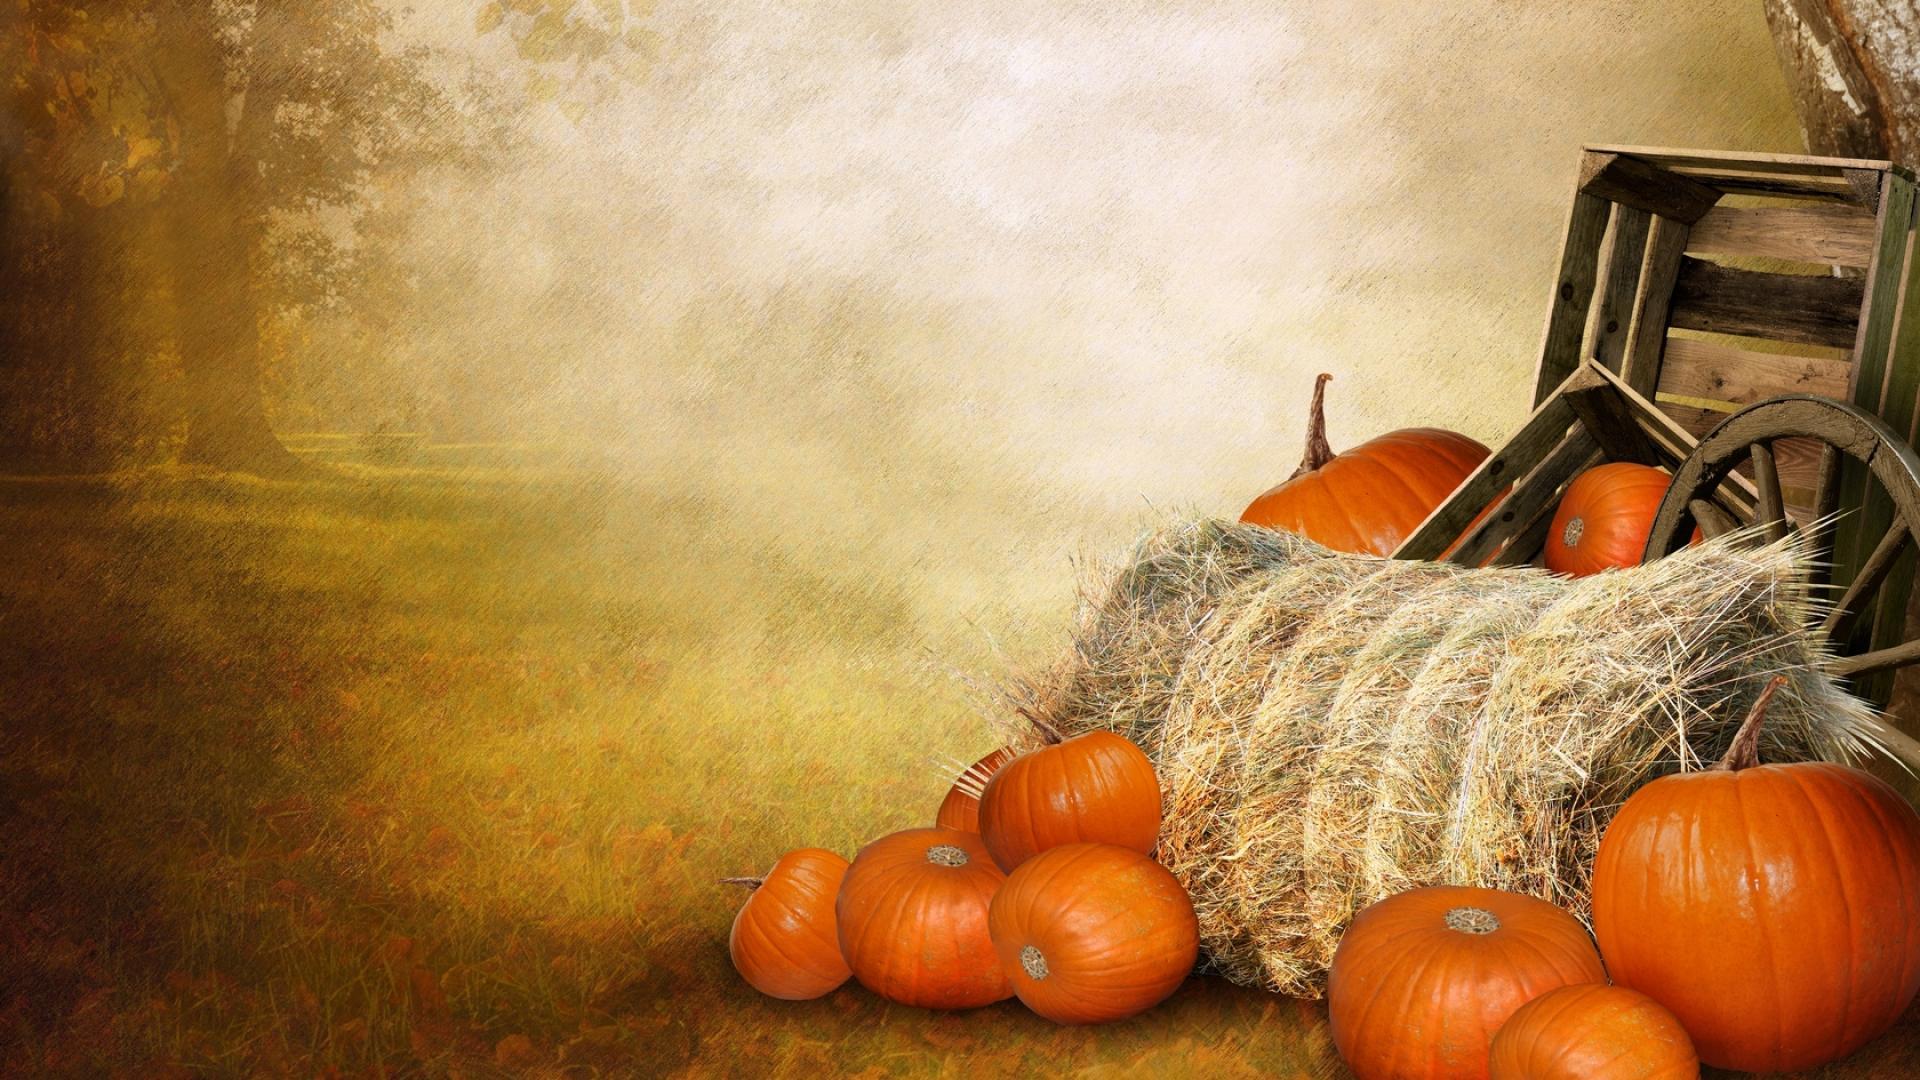 Fall Pumpkins Desktop Wallpaper Pumpkin Wallpapers Hd Pixelstalk Net